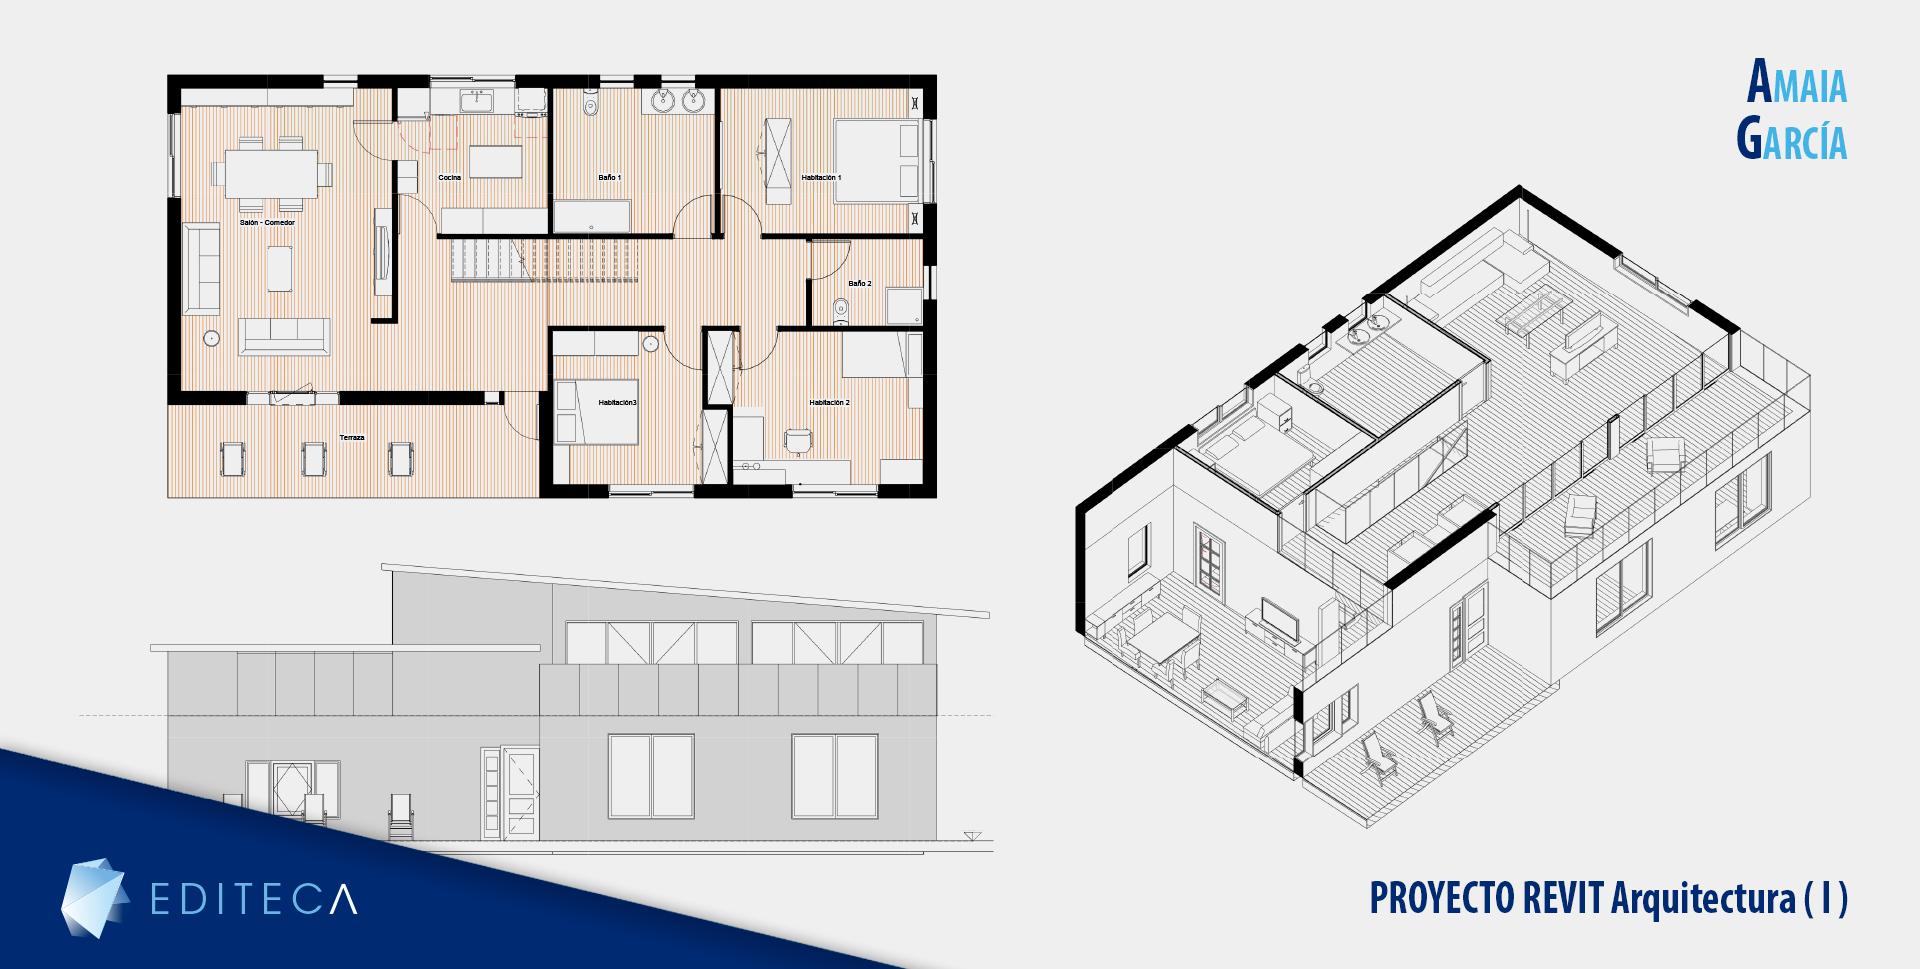 curso de revit arquitectura - Amaia